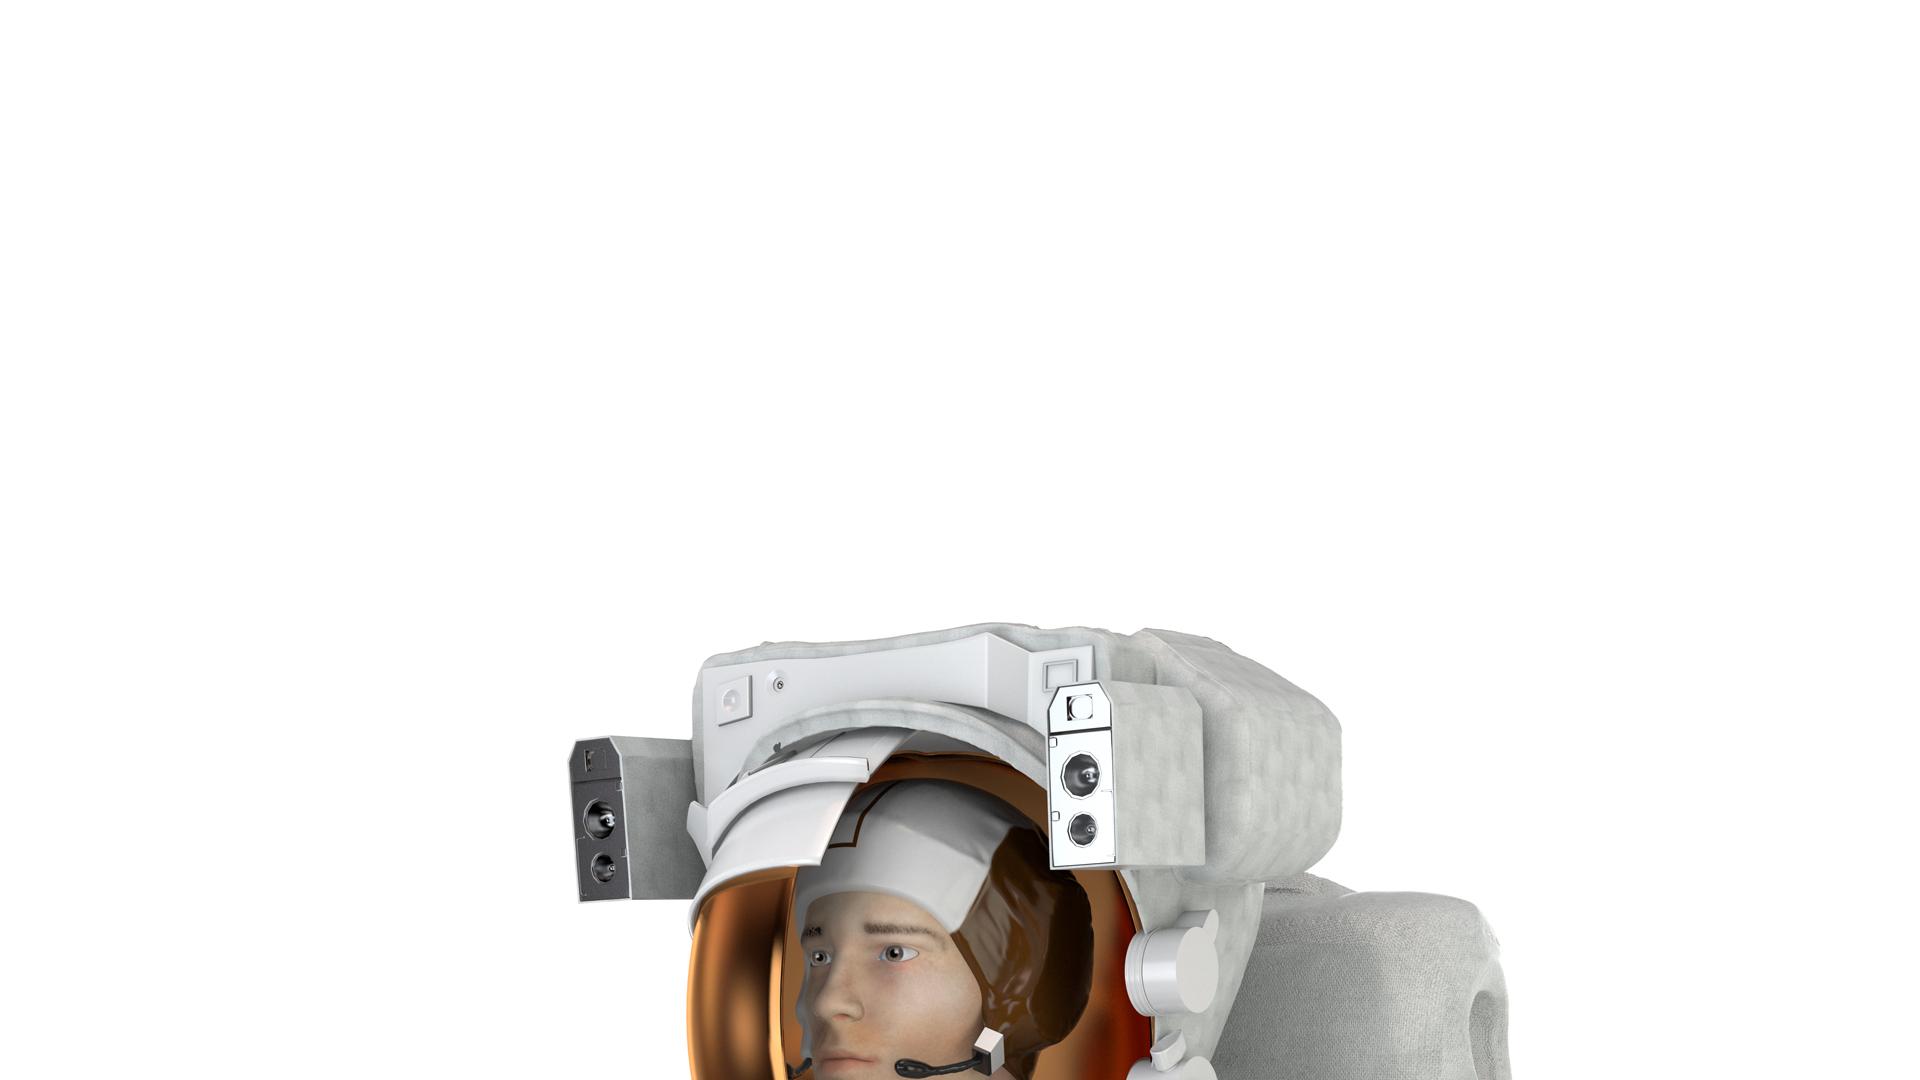 DK-Spacebook_09